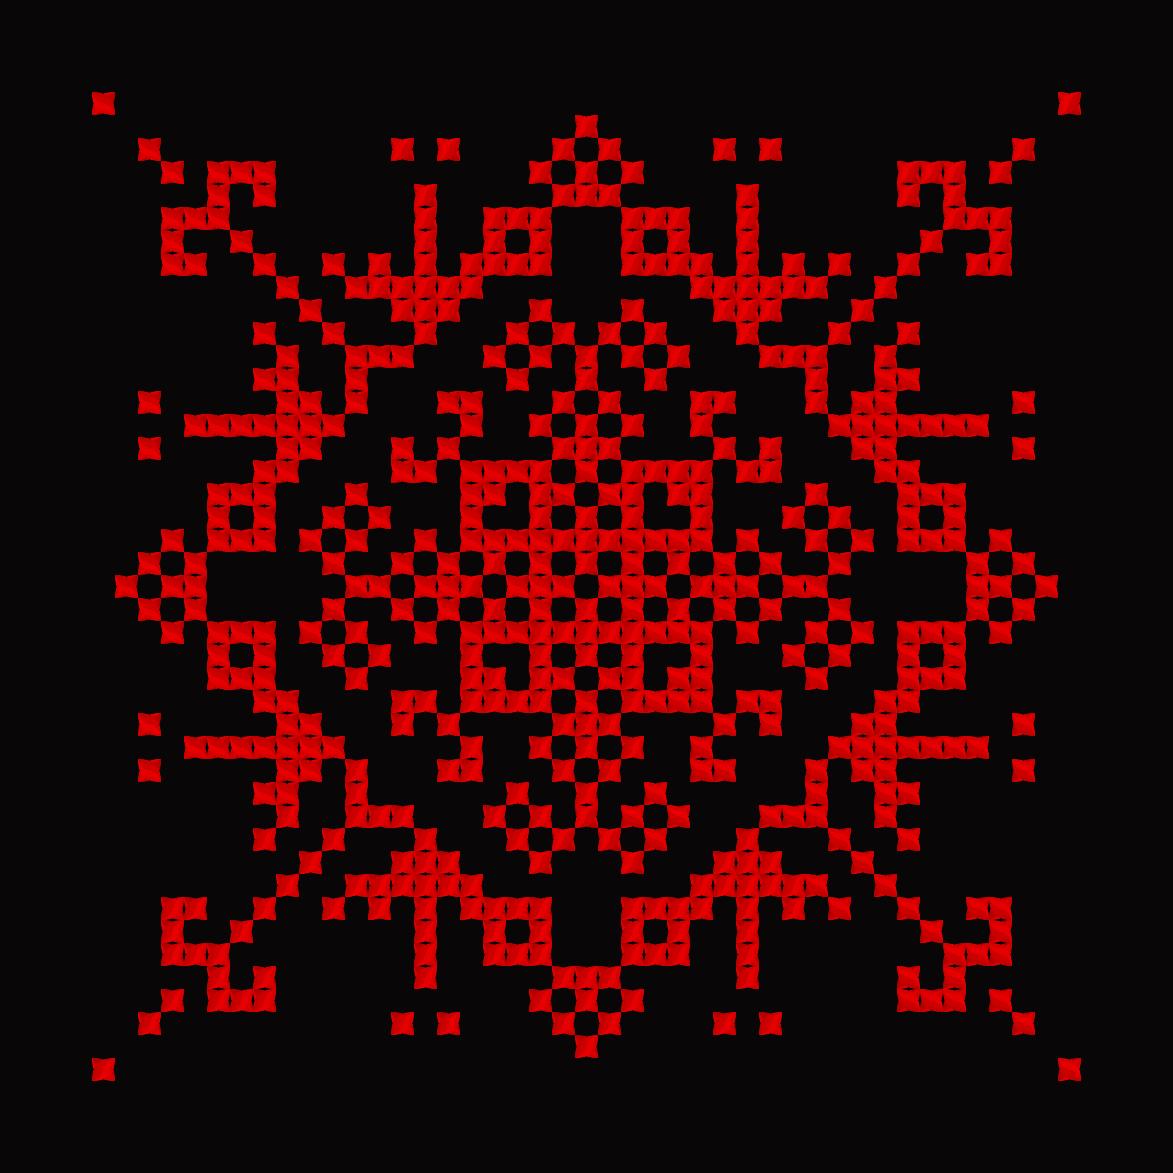 Текстовий слов'янський орнамент: щасливої долі божої ласки